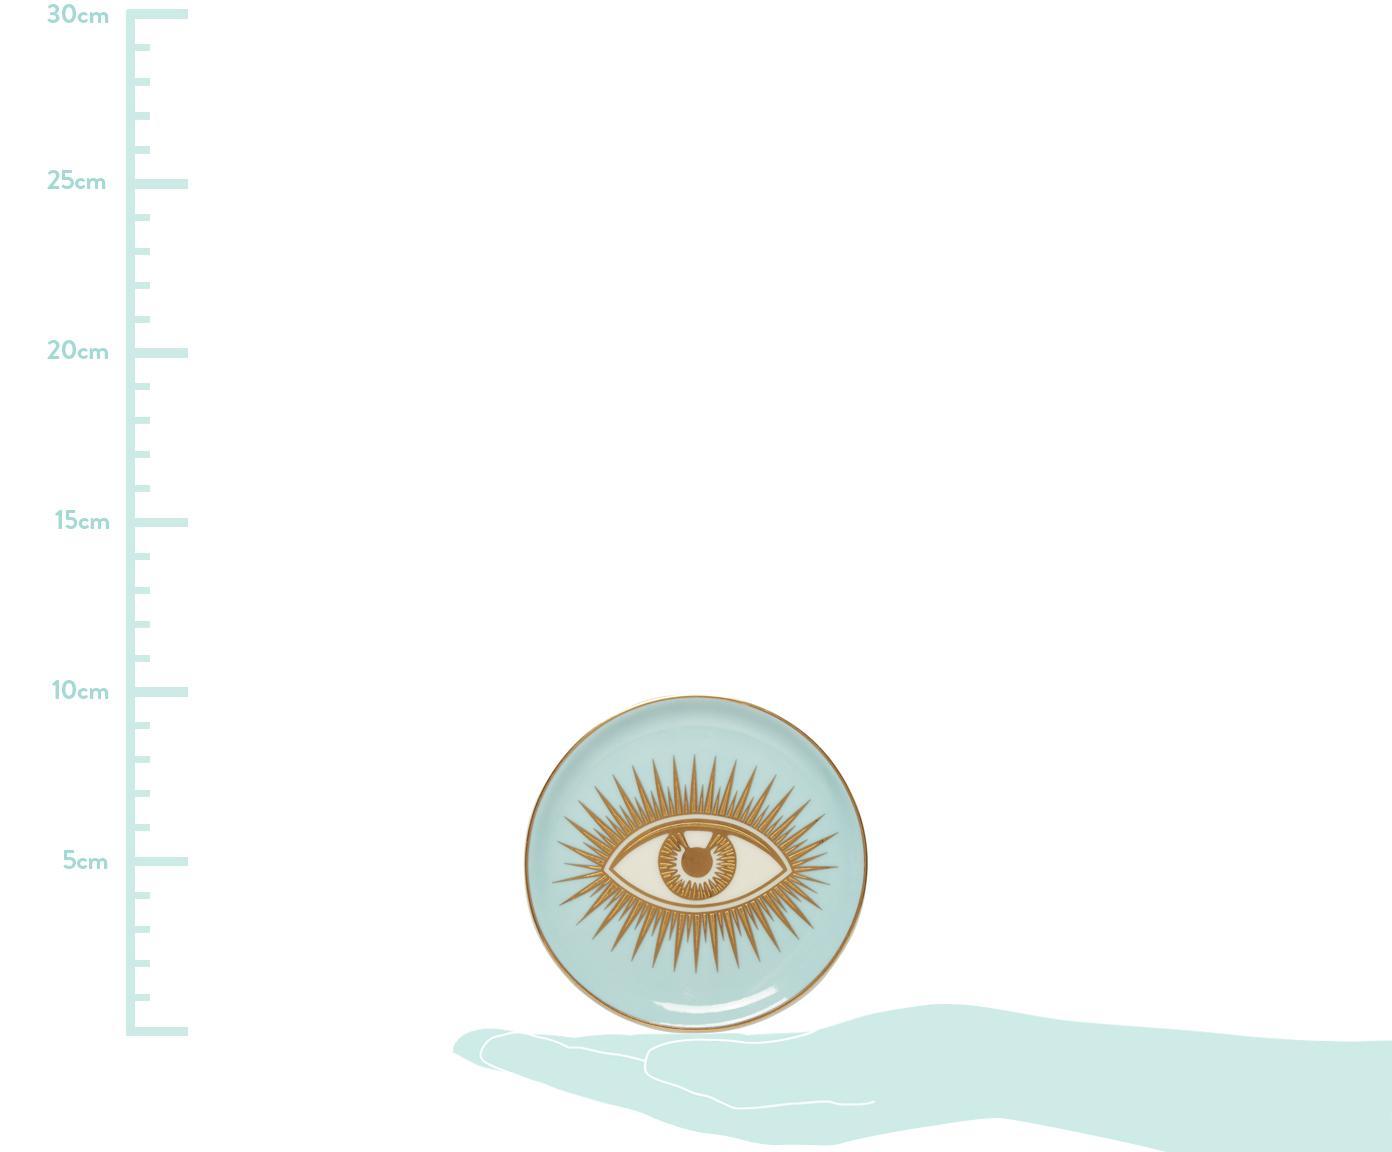 Komplet podstawek Le Wink, 4 elem., Porcelana, Wielobarwny, Ø 10 x W 2 cm